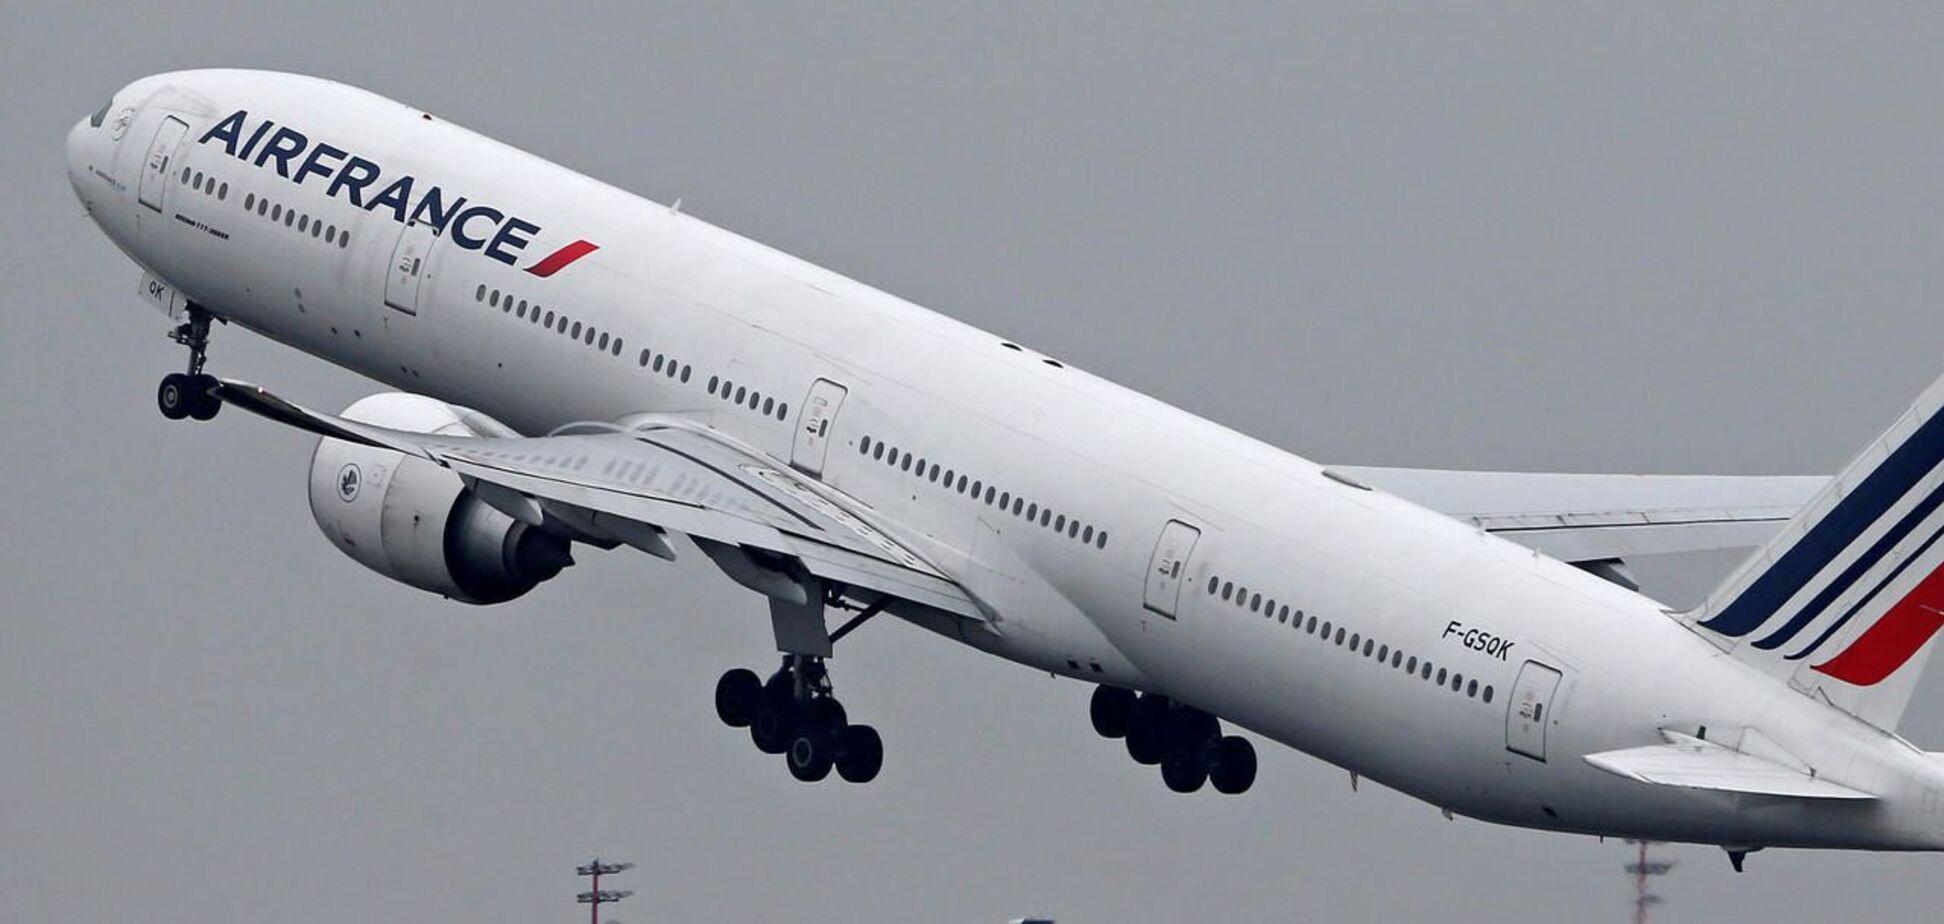 AirFrance отменила рейс в Москву из-за неодобрения РФ маршрута в обход Беларуси